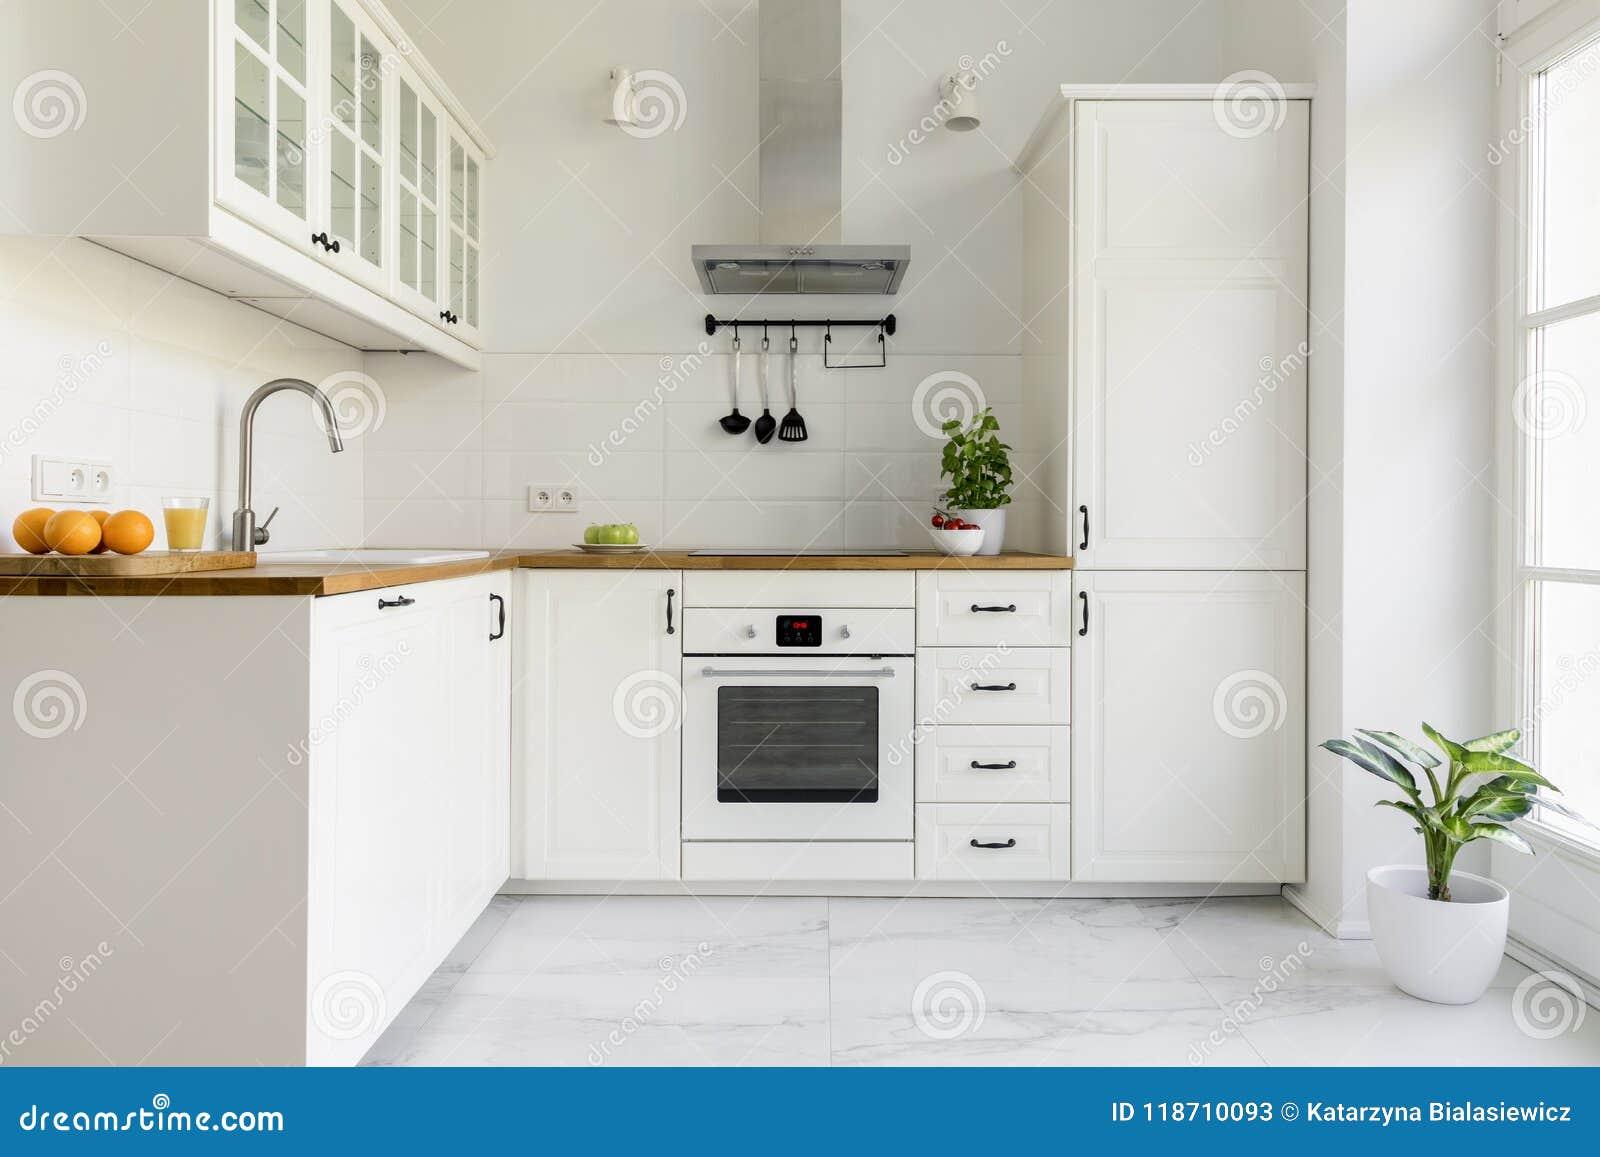 Capa de fogão de prata no interior branco mínimo da cozinha com planta